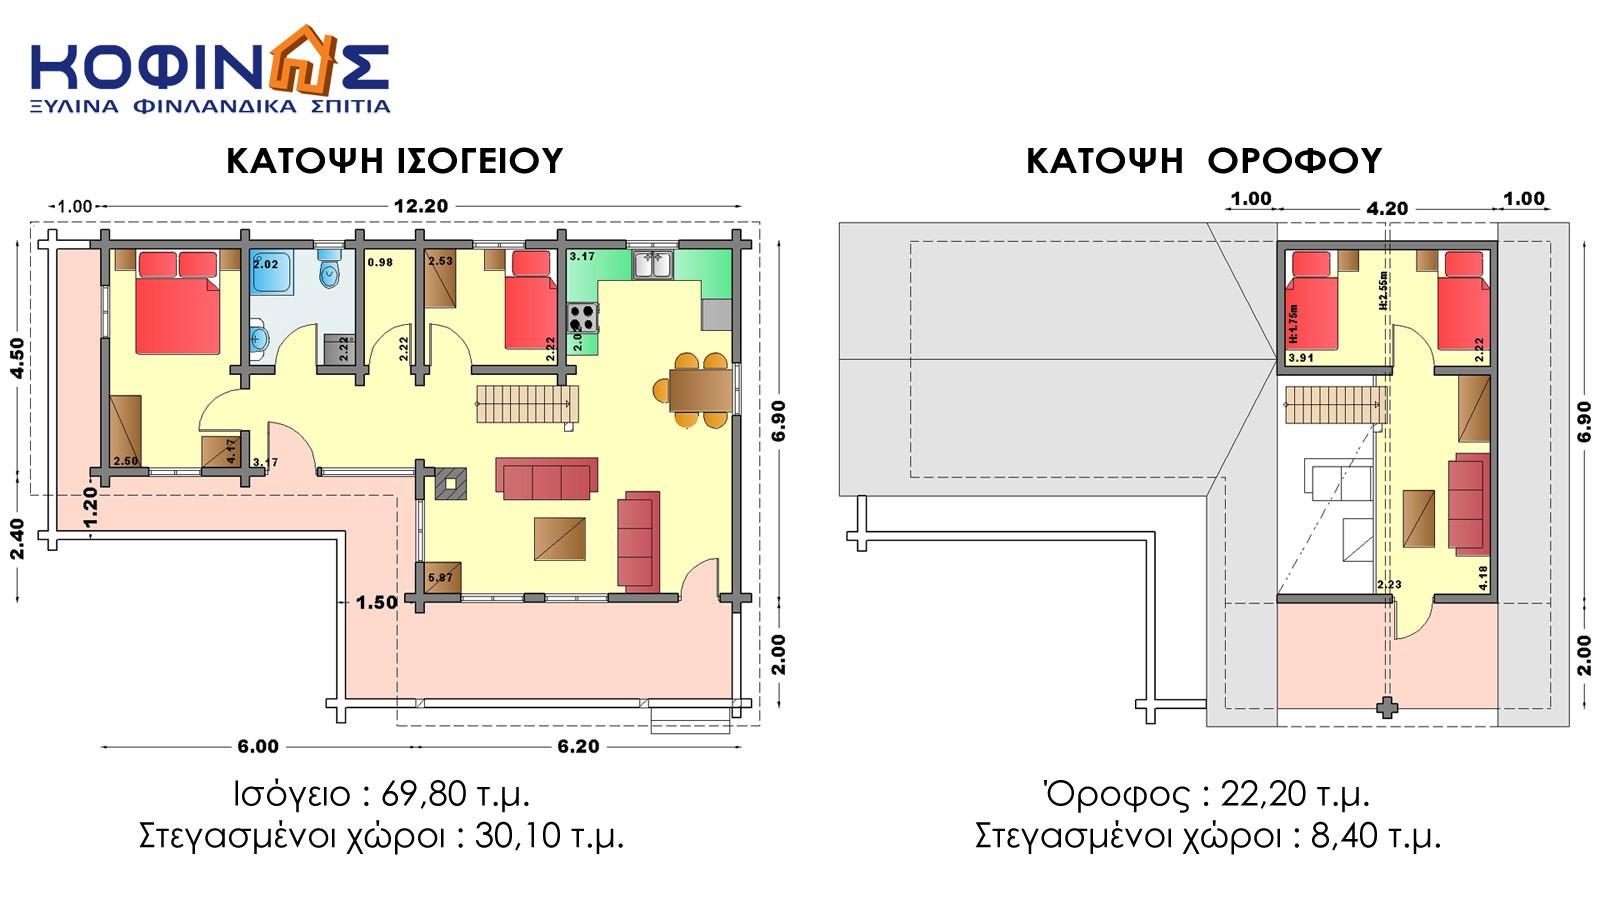 Διώροφη Ξύλινη Κατοικία XD-92, συνολικής επιφάνειας 92,00 τ.μ.